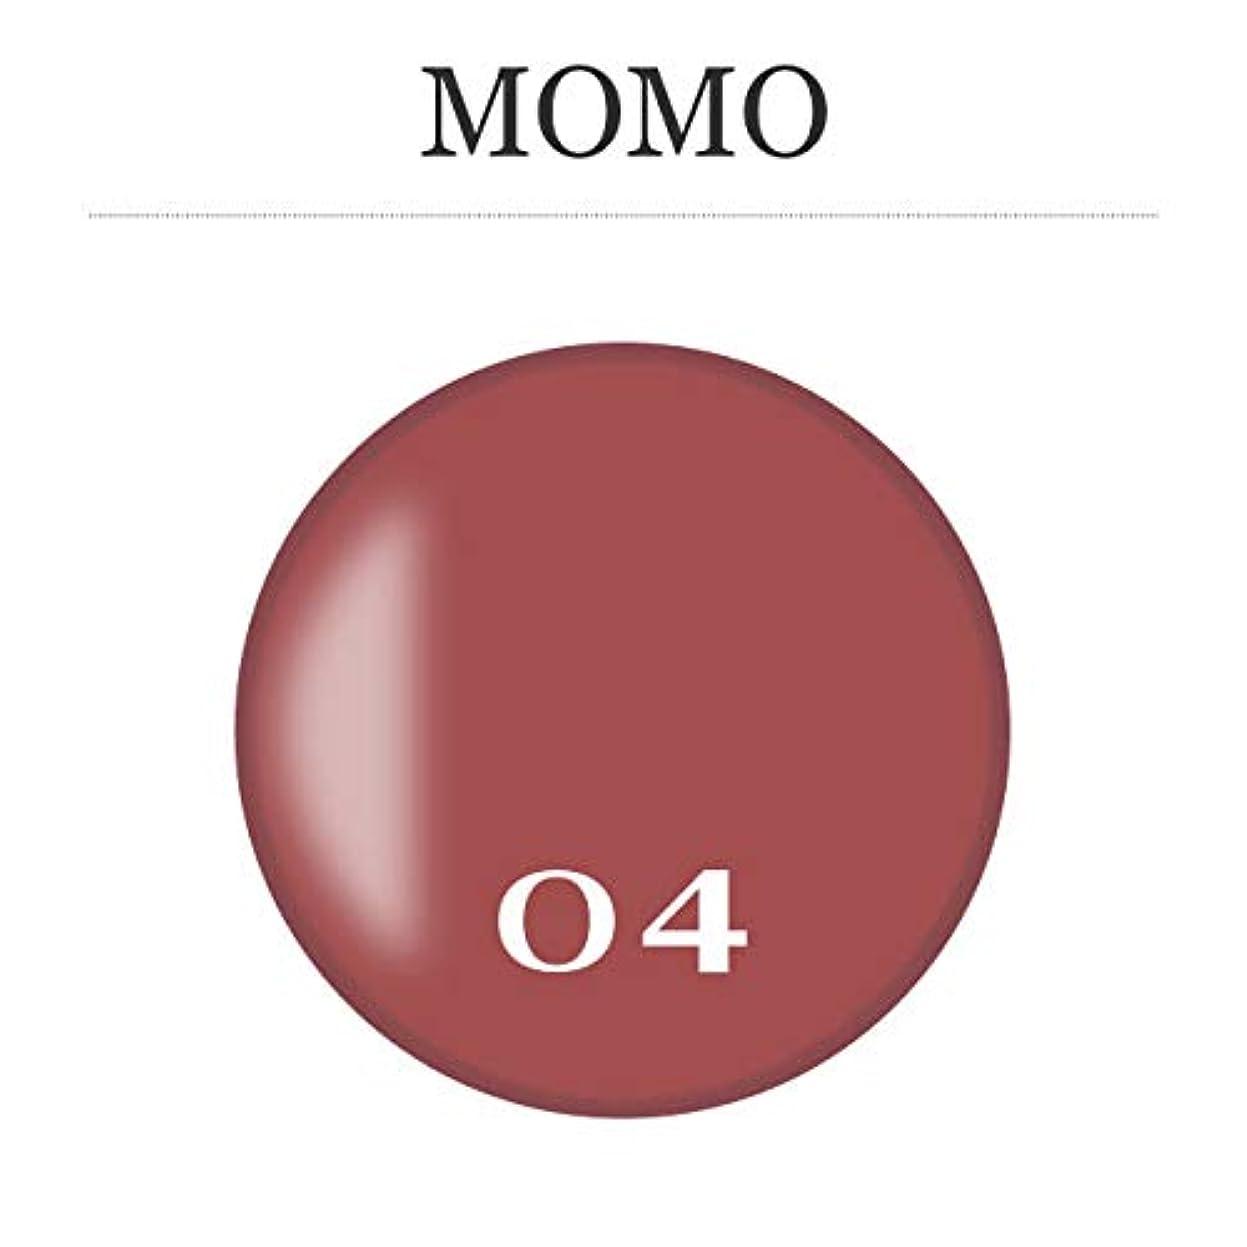 規定航空会社騙すカラージェル MOMO-04 by nail for all